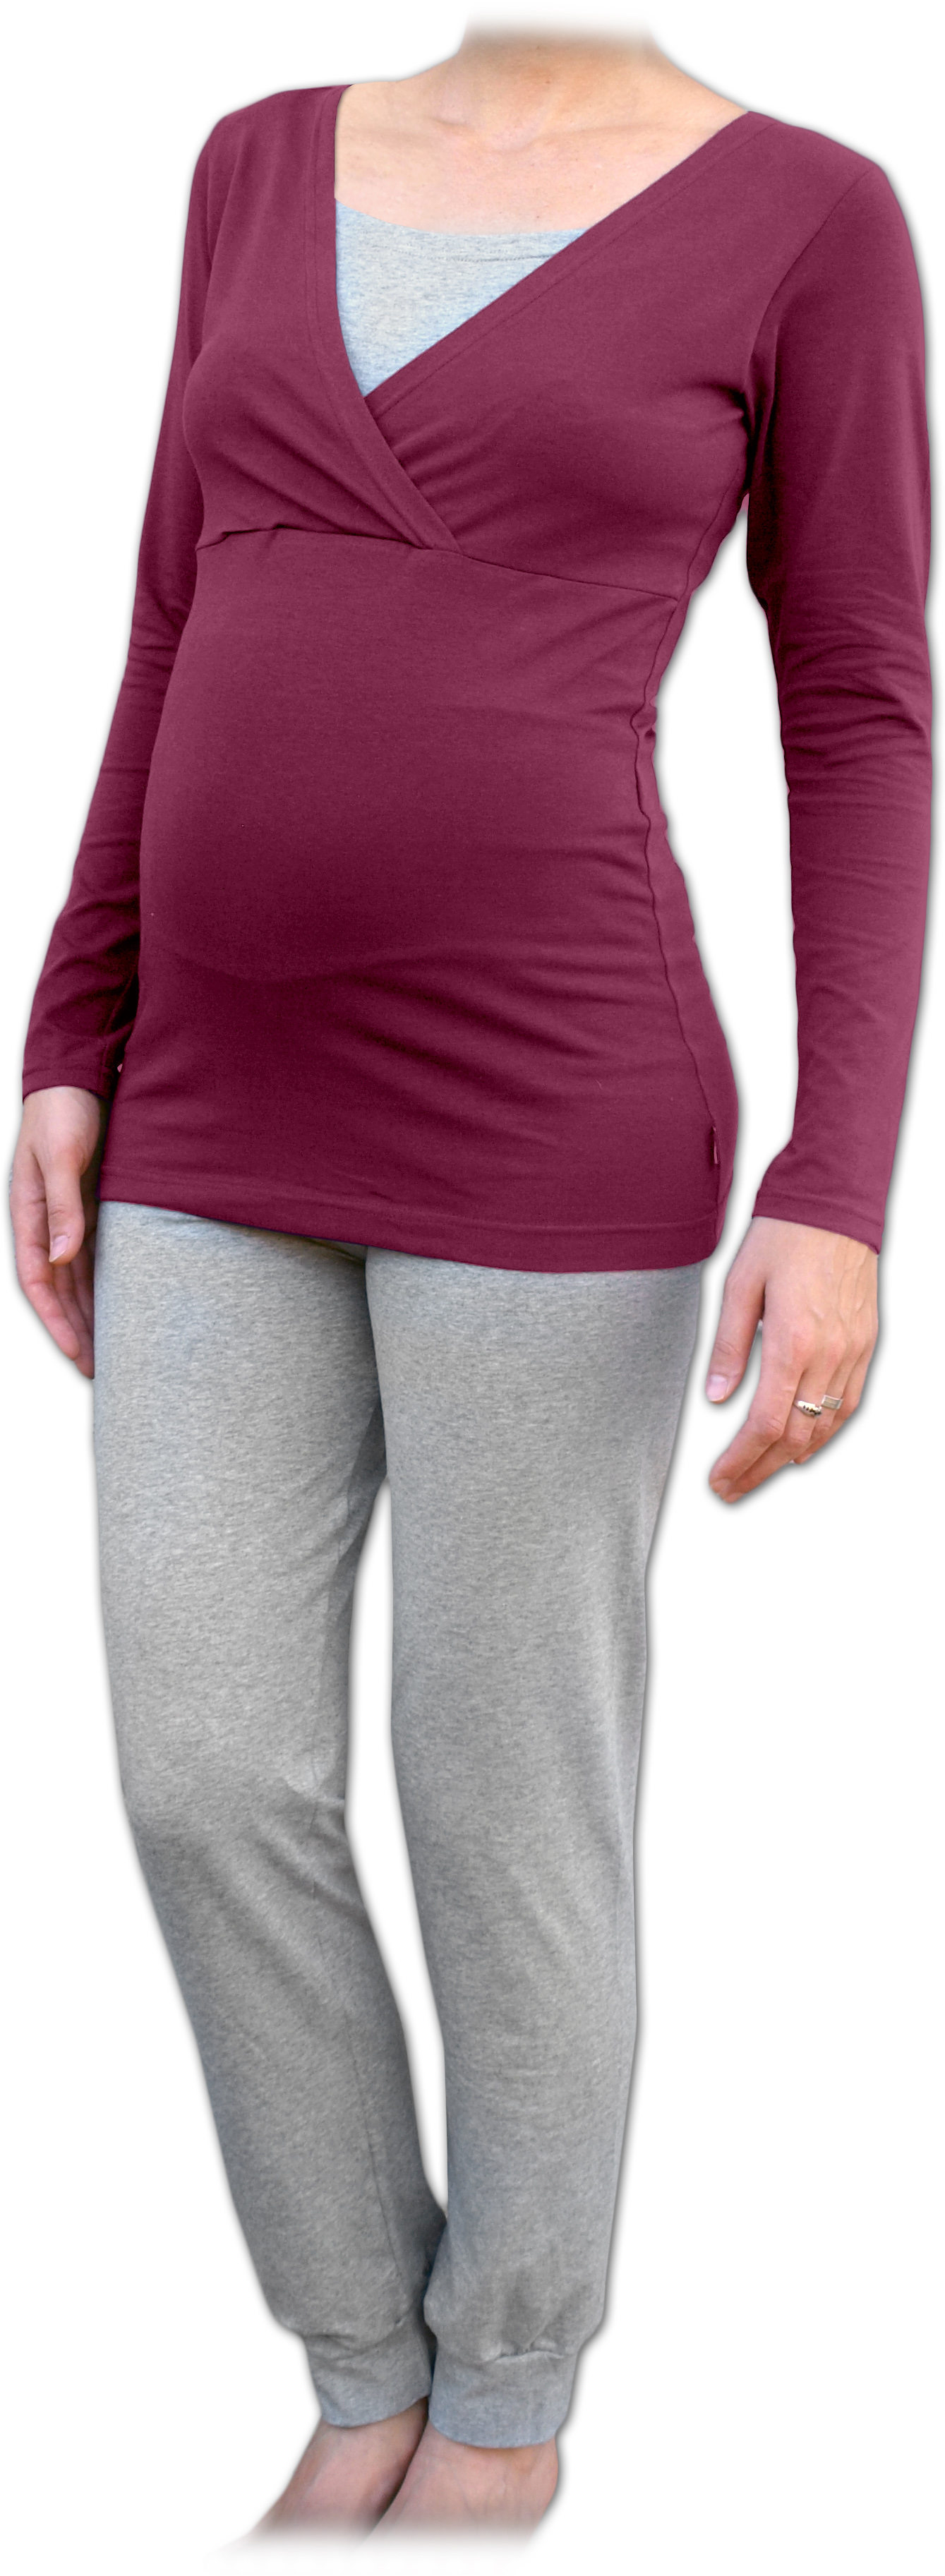 Těhotenské a kojicí pyžamo, dlouhé, cyklámen+šedý melír m/l